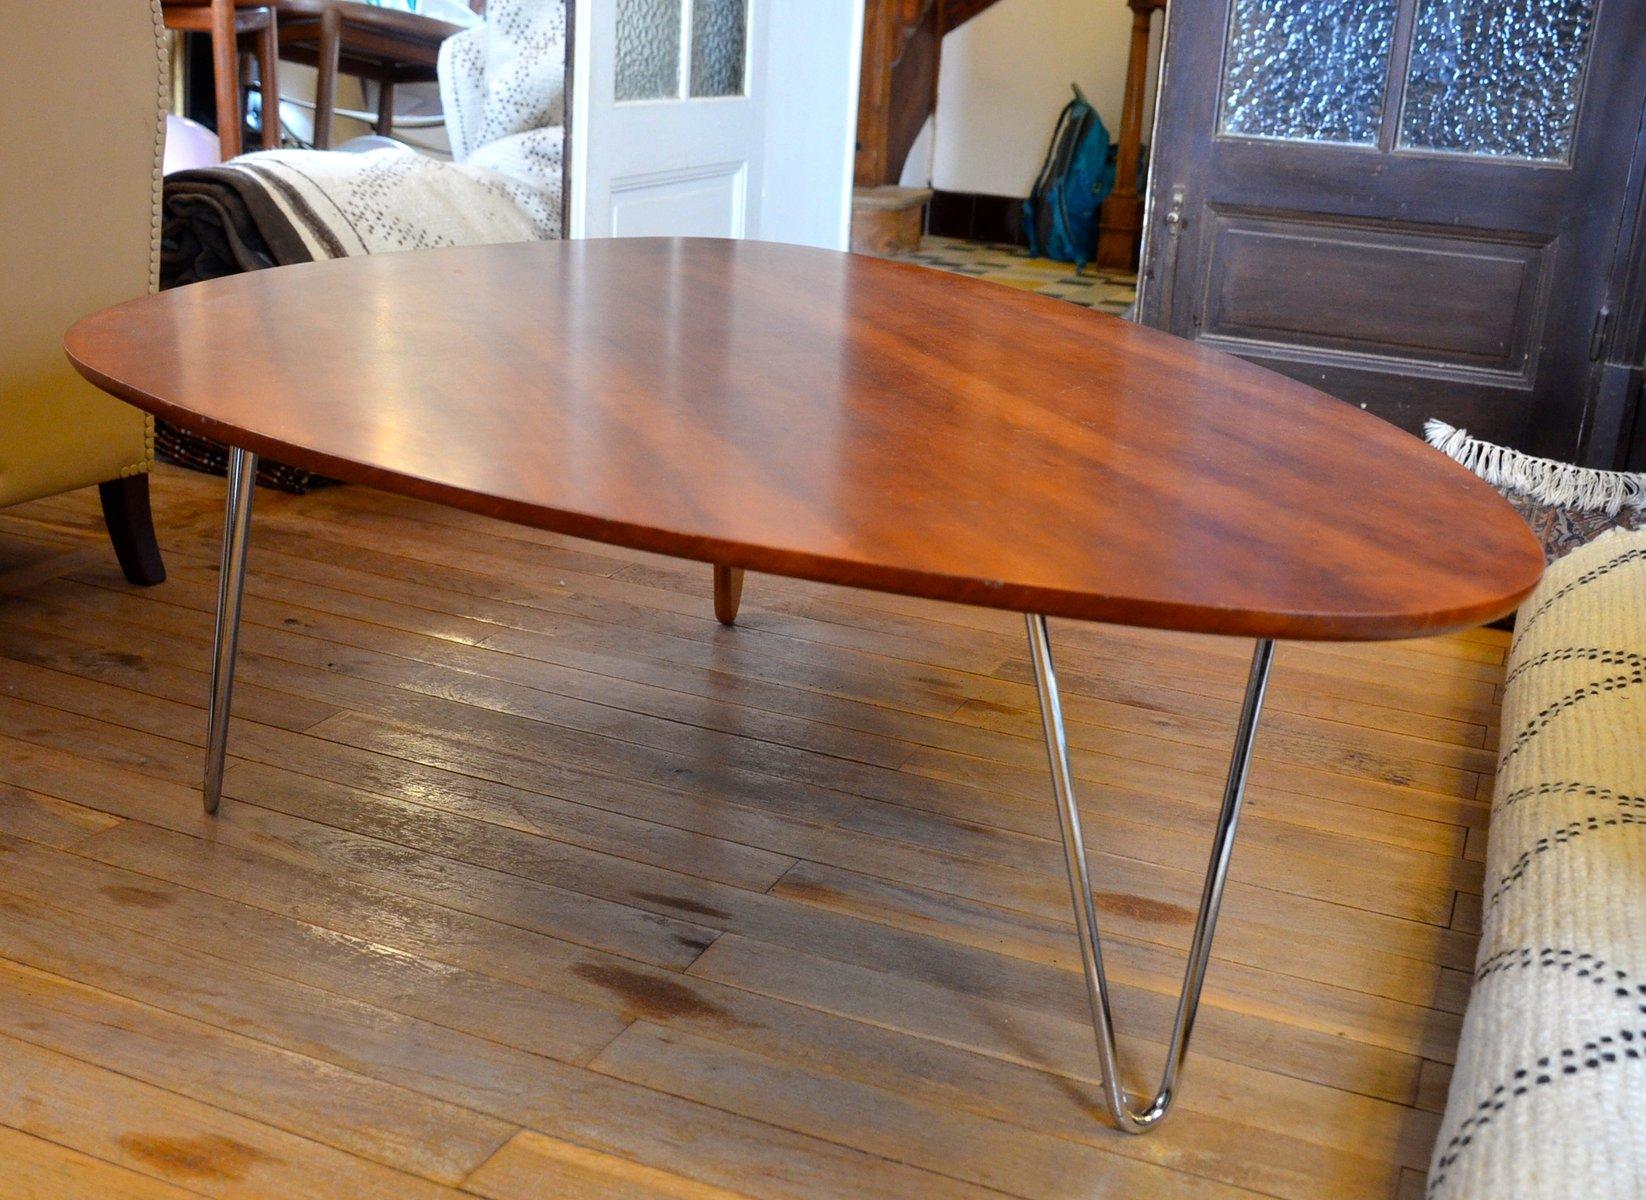 Vintage Rudder Coffee Table By Isamu Noguchi For Herman Miller For - Noguchi rudder table